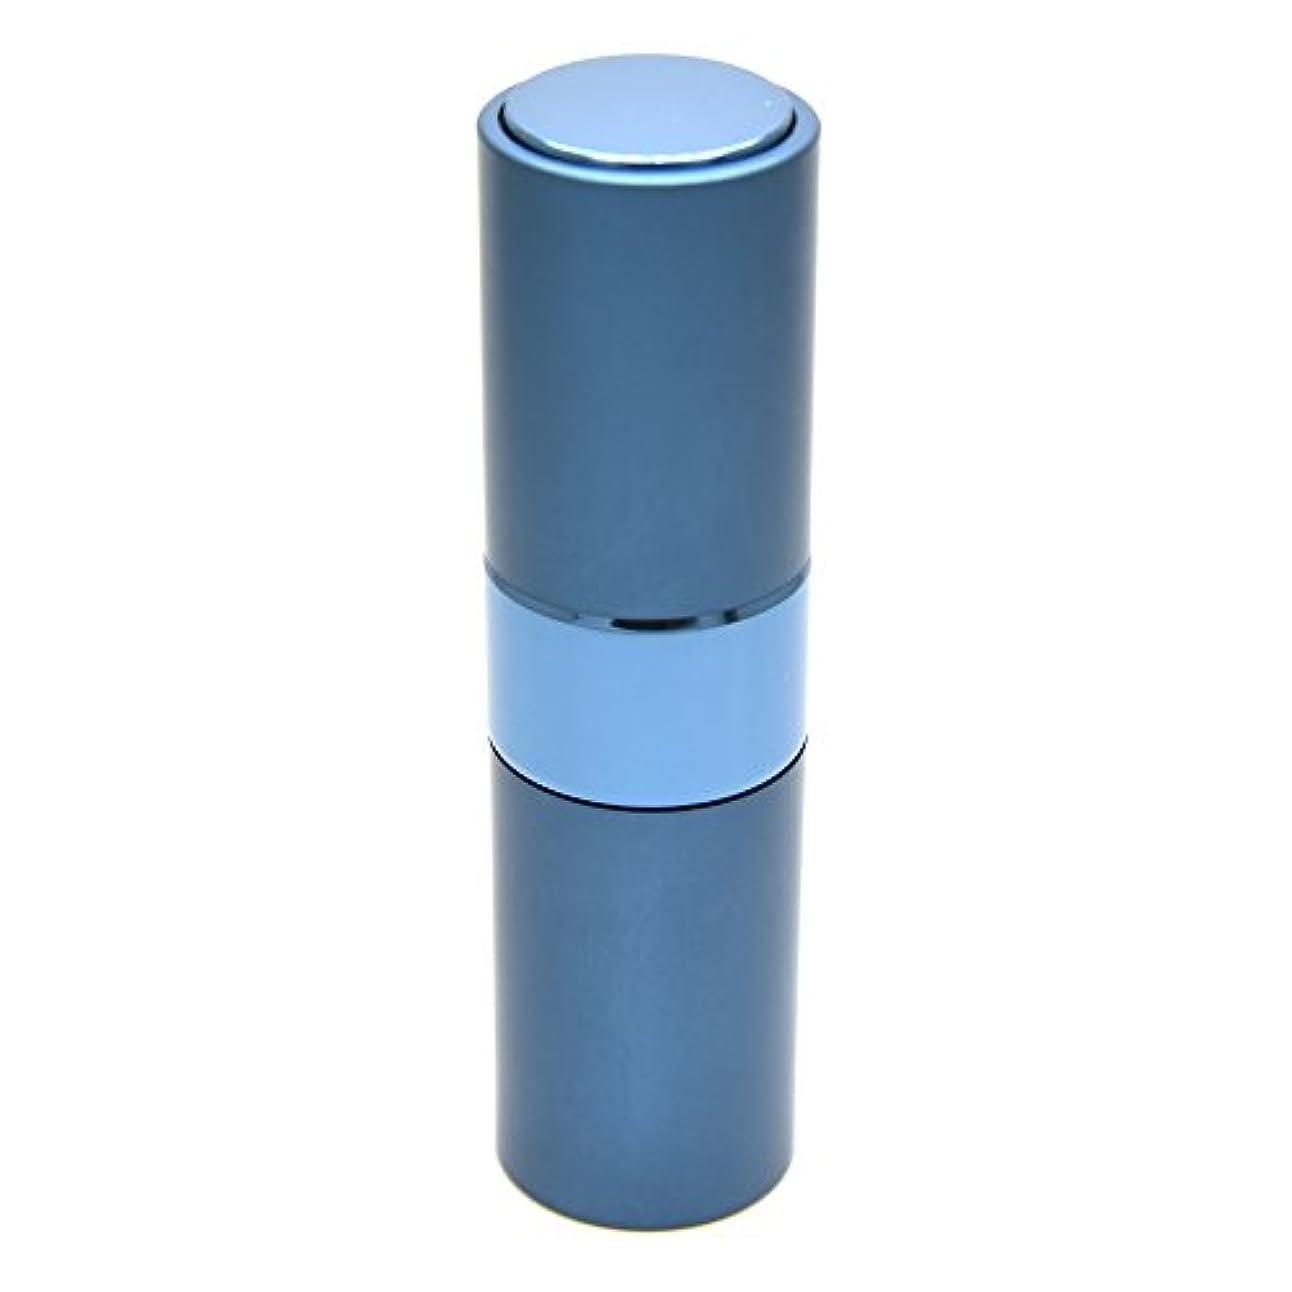 意気揚々肺炎細いPrilliant 香水 アトマイザー プッシュ式 詰め替え 携帯便利 オシャレ 容量15ml (ブルー)